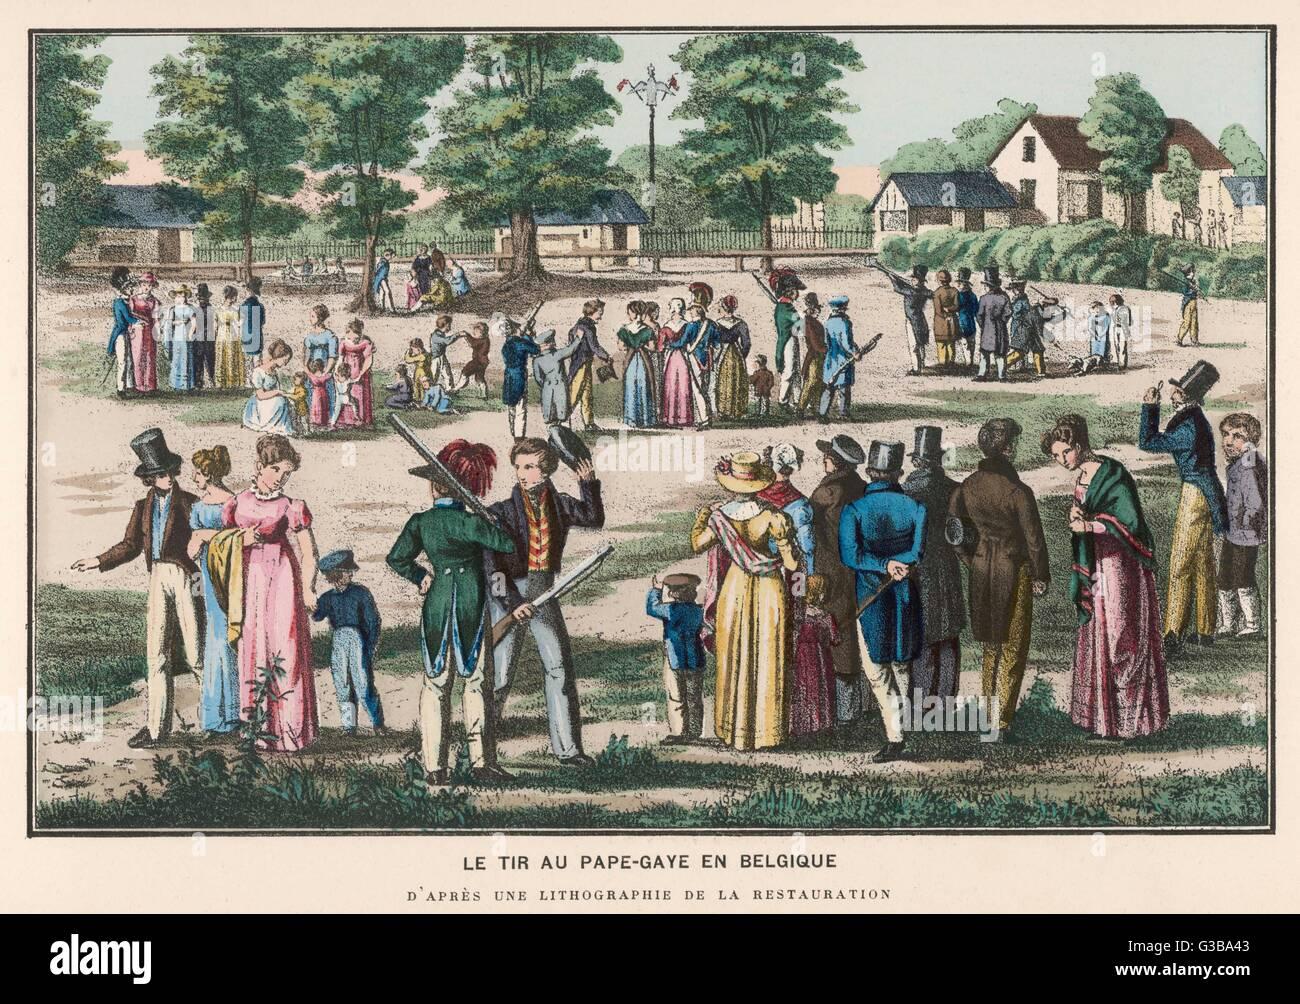 Shooting the 'Popinjay', in  Belgium         Date: 1830s - Stock Image